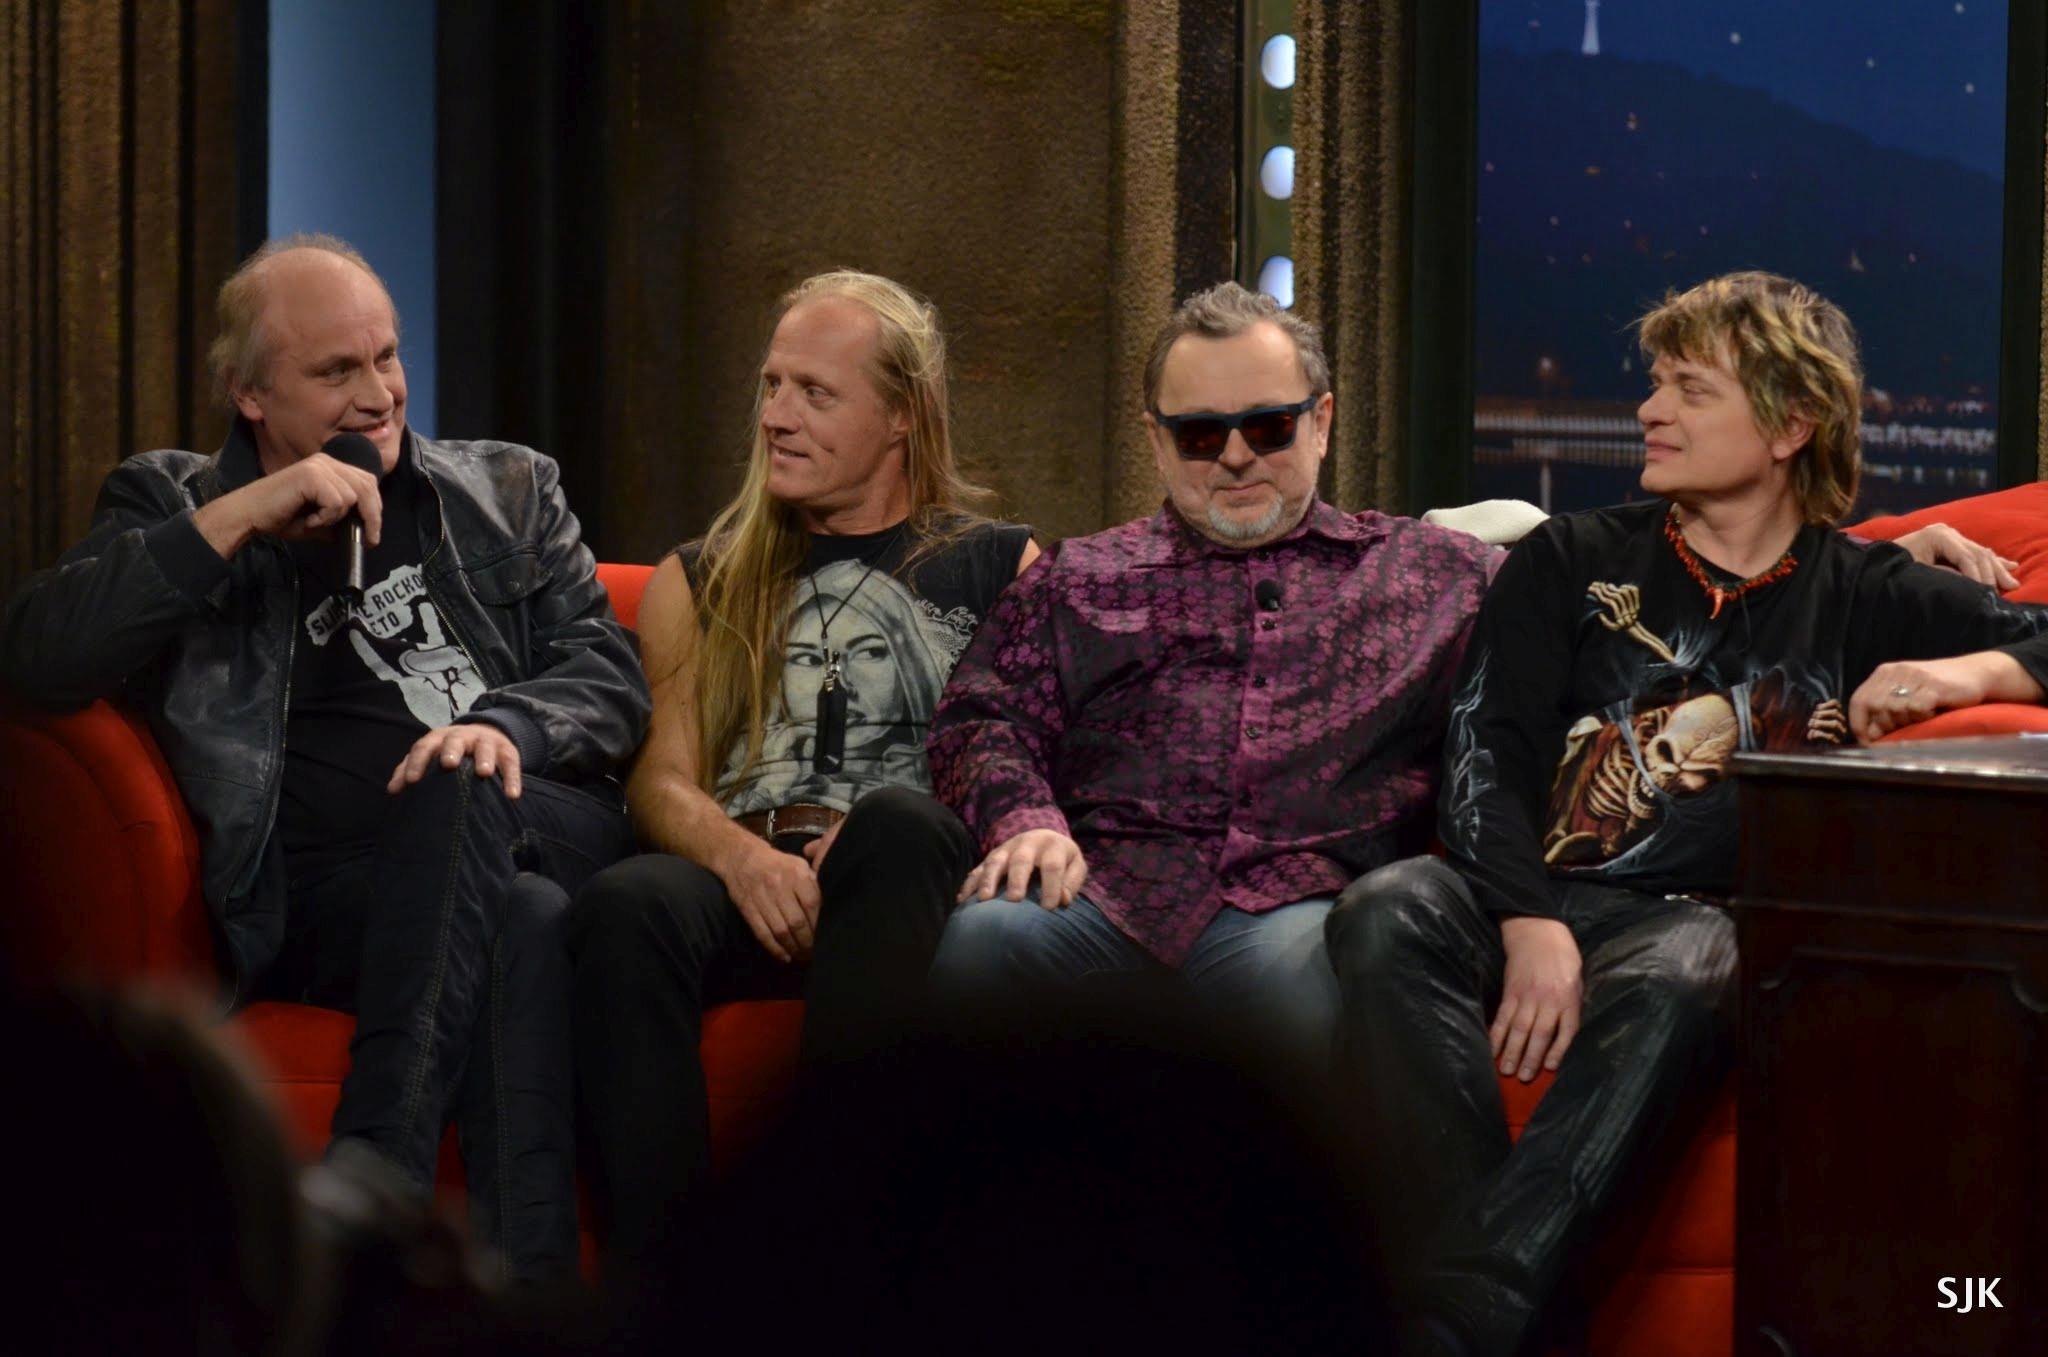 Zleva: Michael Kocáb, Klaudius Kryšpín, Michal Pavlíček a Vilém Čok z kapely Pražský výběr v SJK 15. 3. 2013